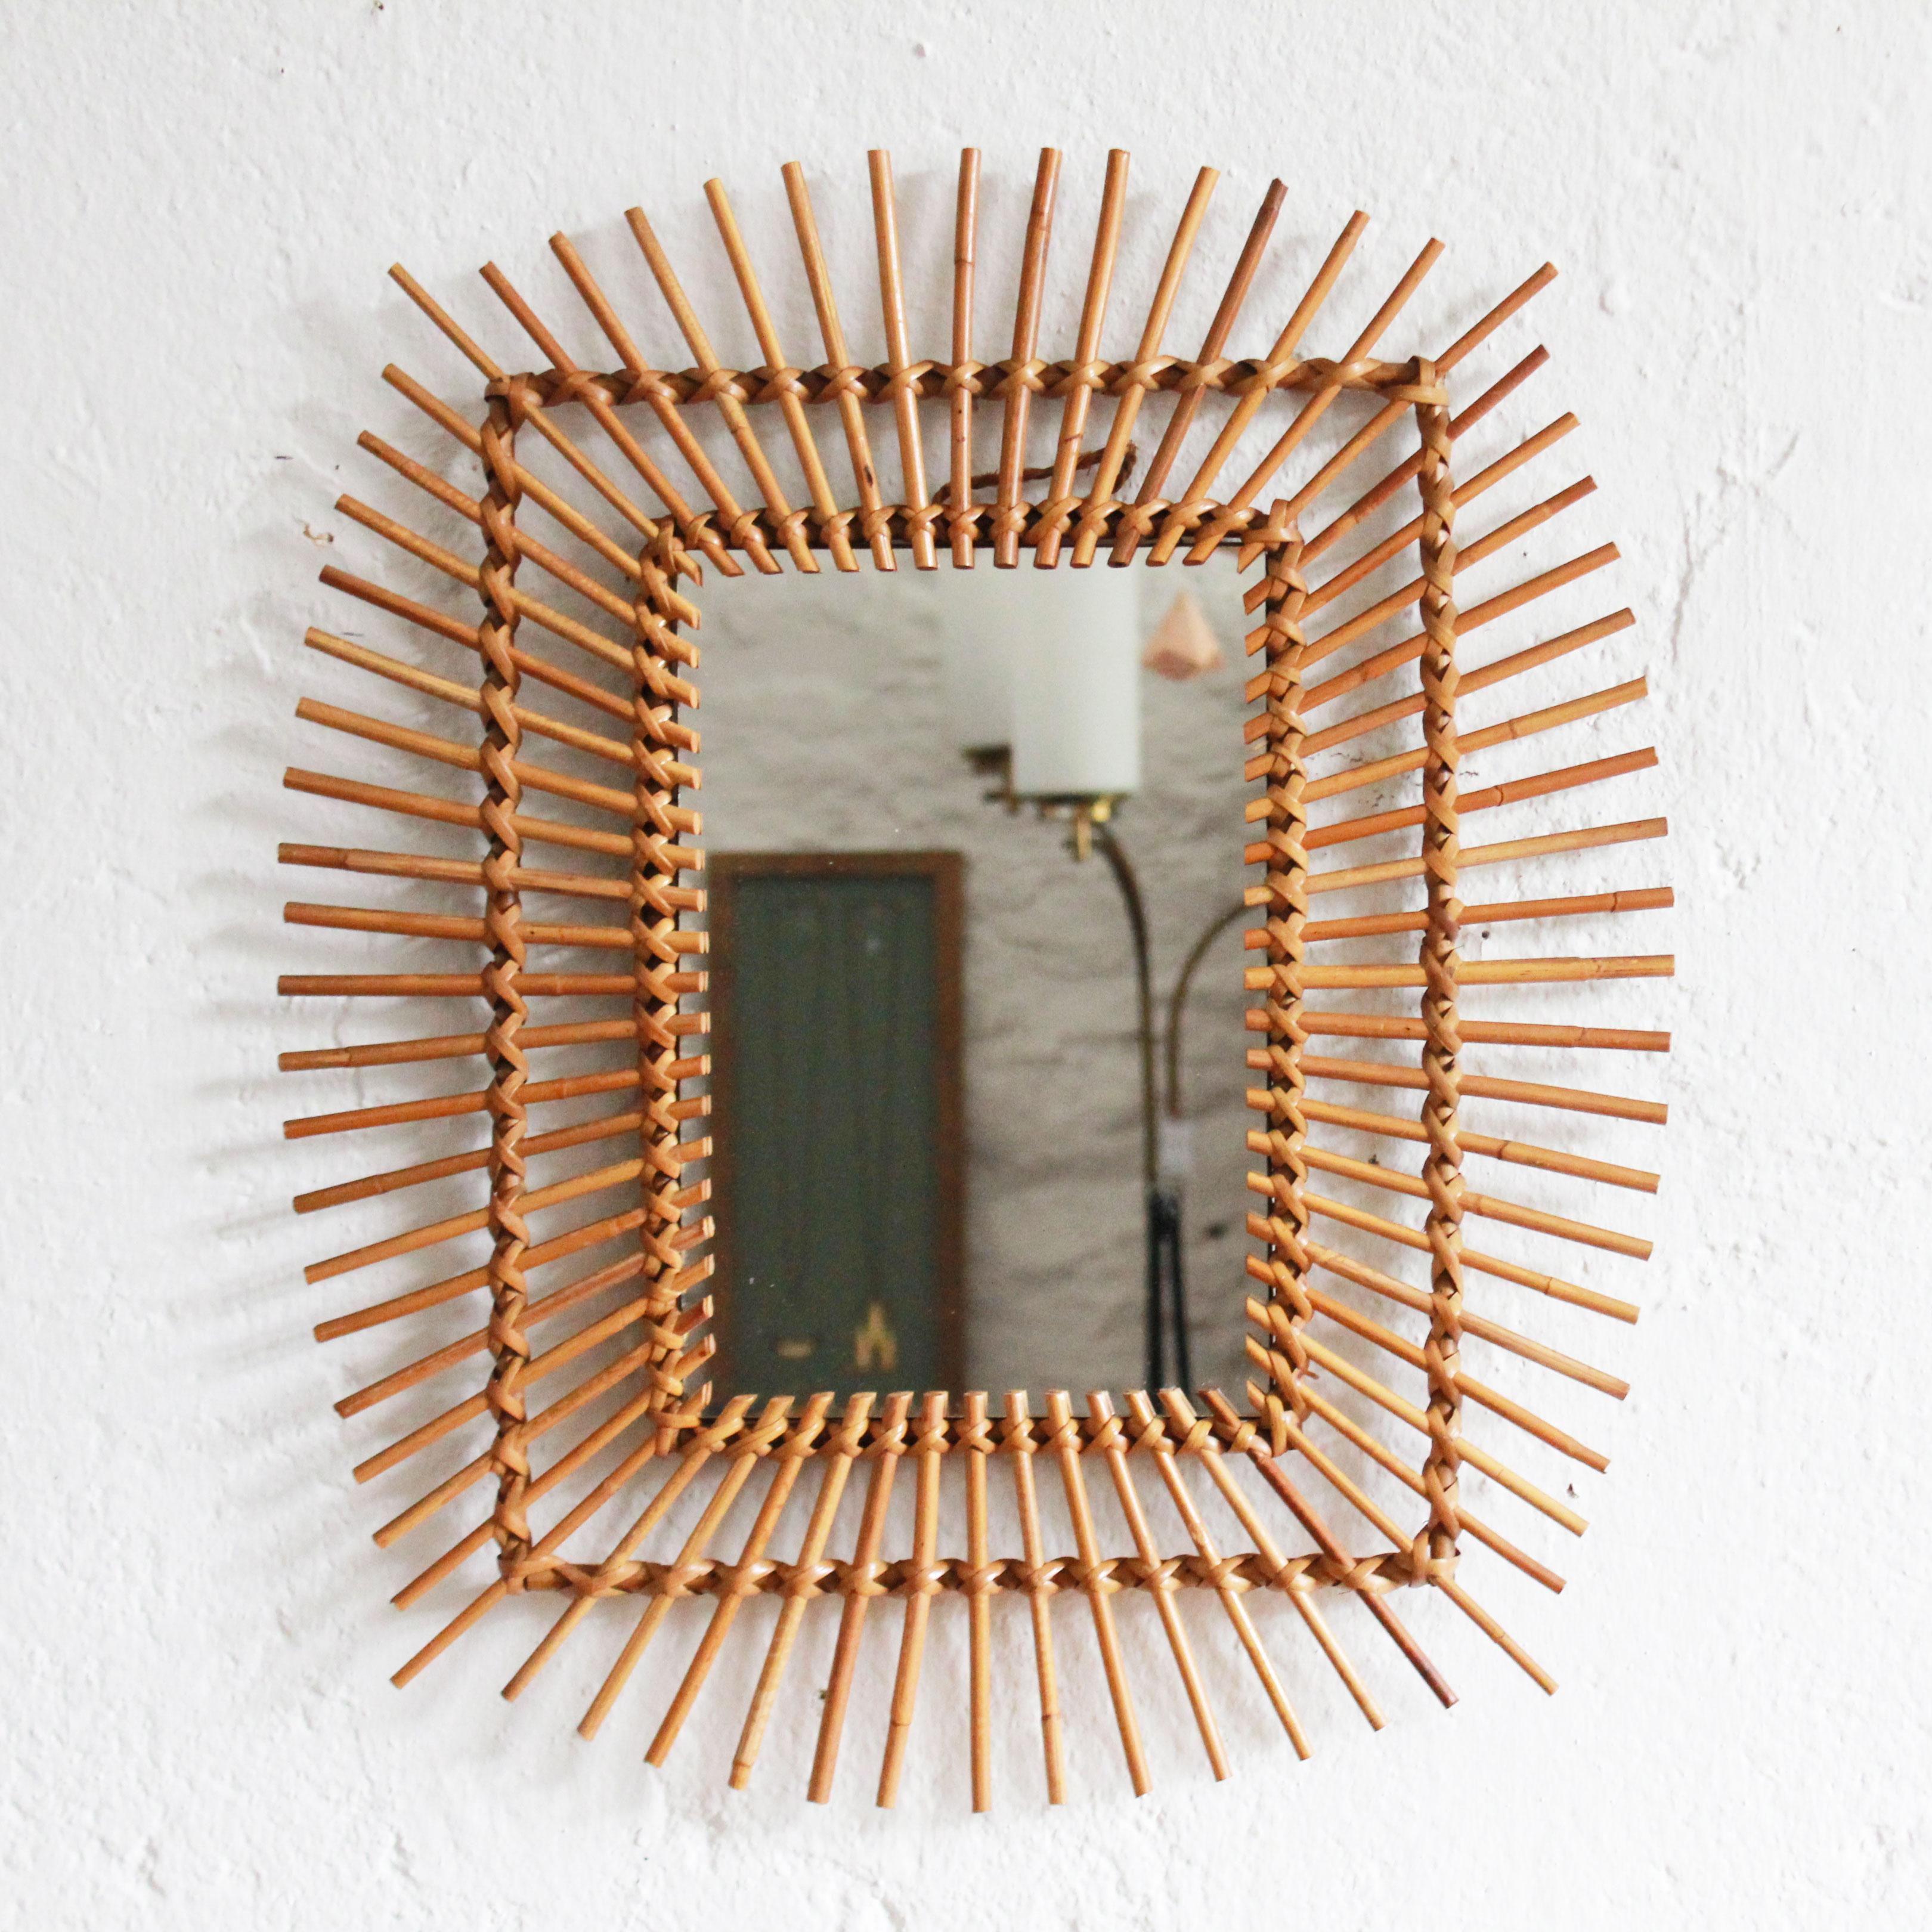 miroir rotin vintage ann es 50 ann es 60 atelier du petit parc. Black Bedroom Furniture Sets. Home Design Ideas